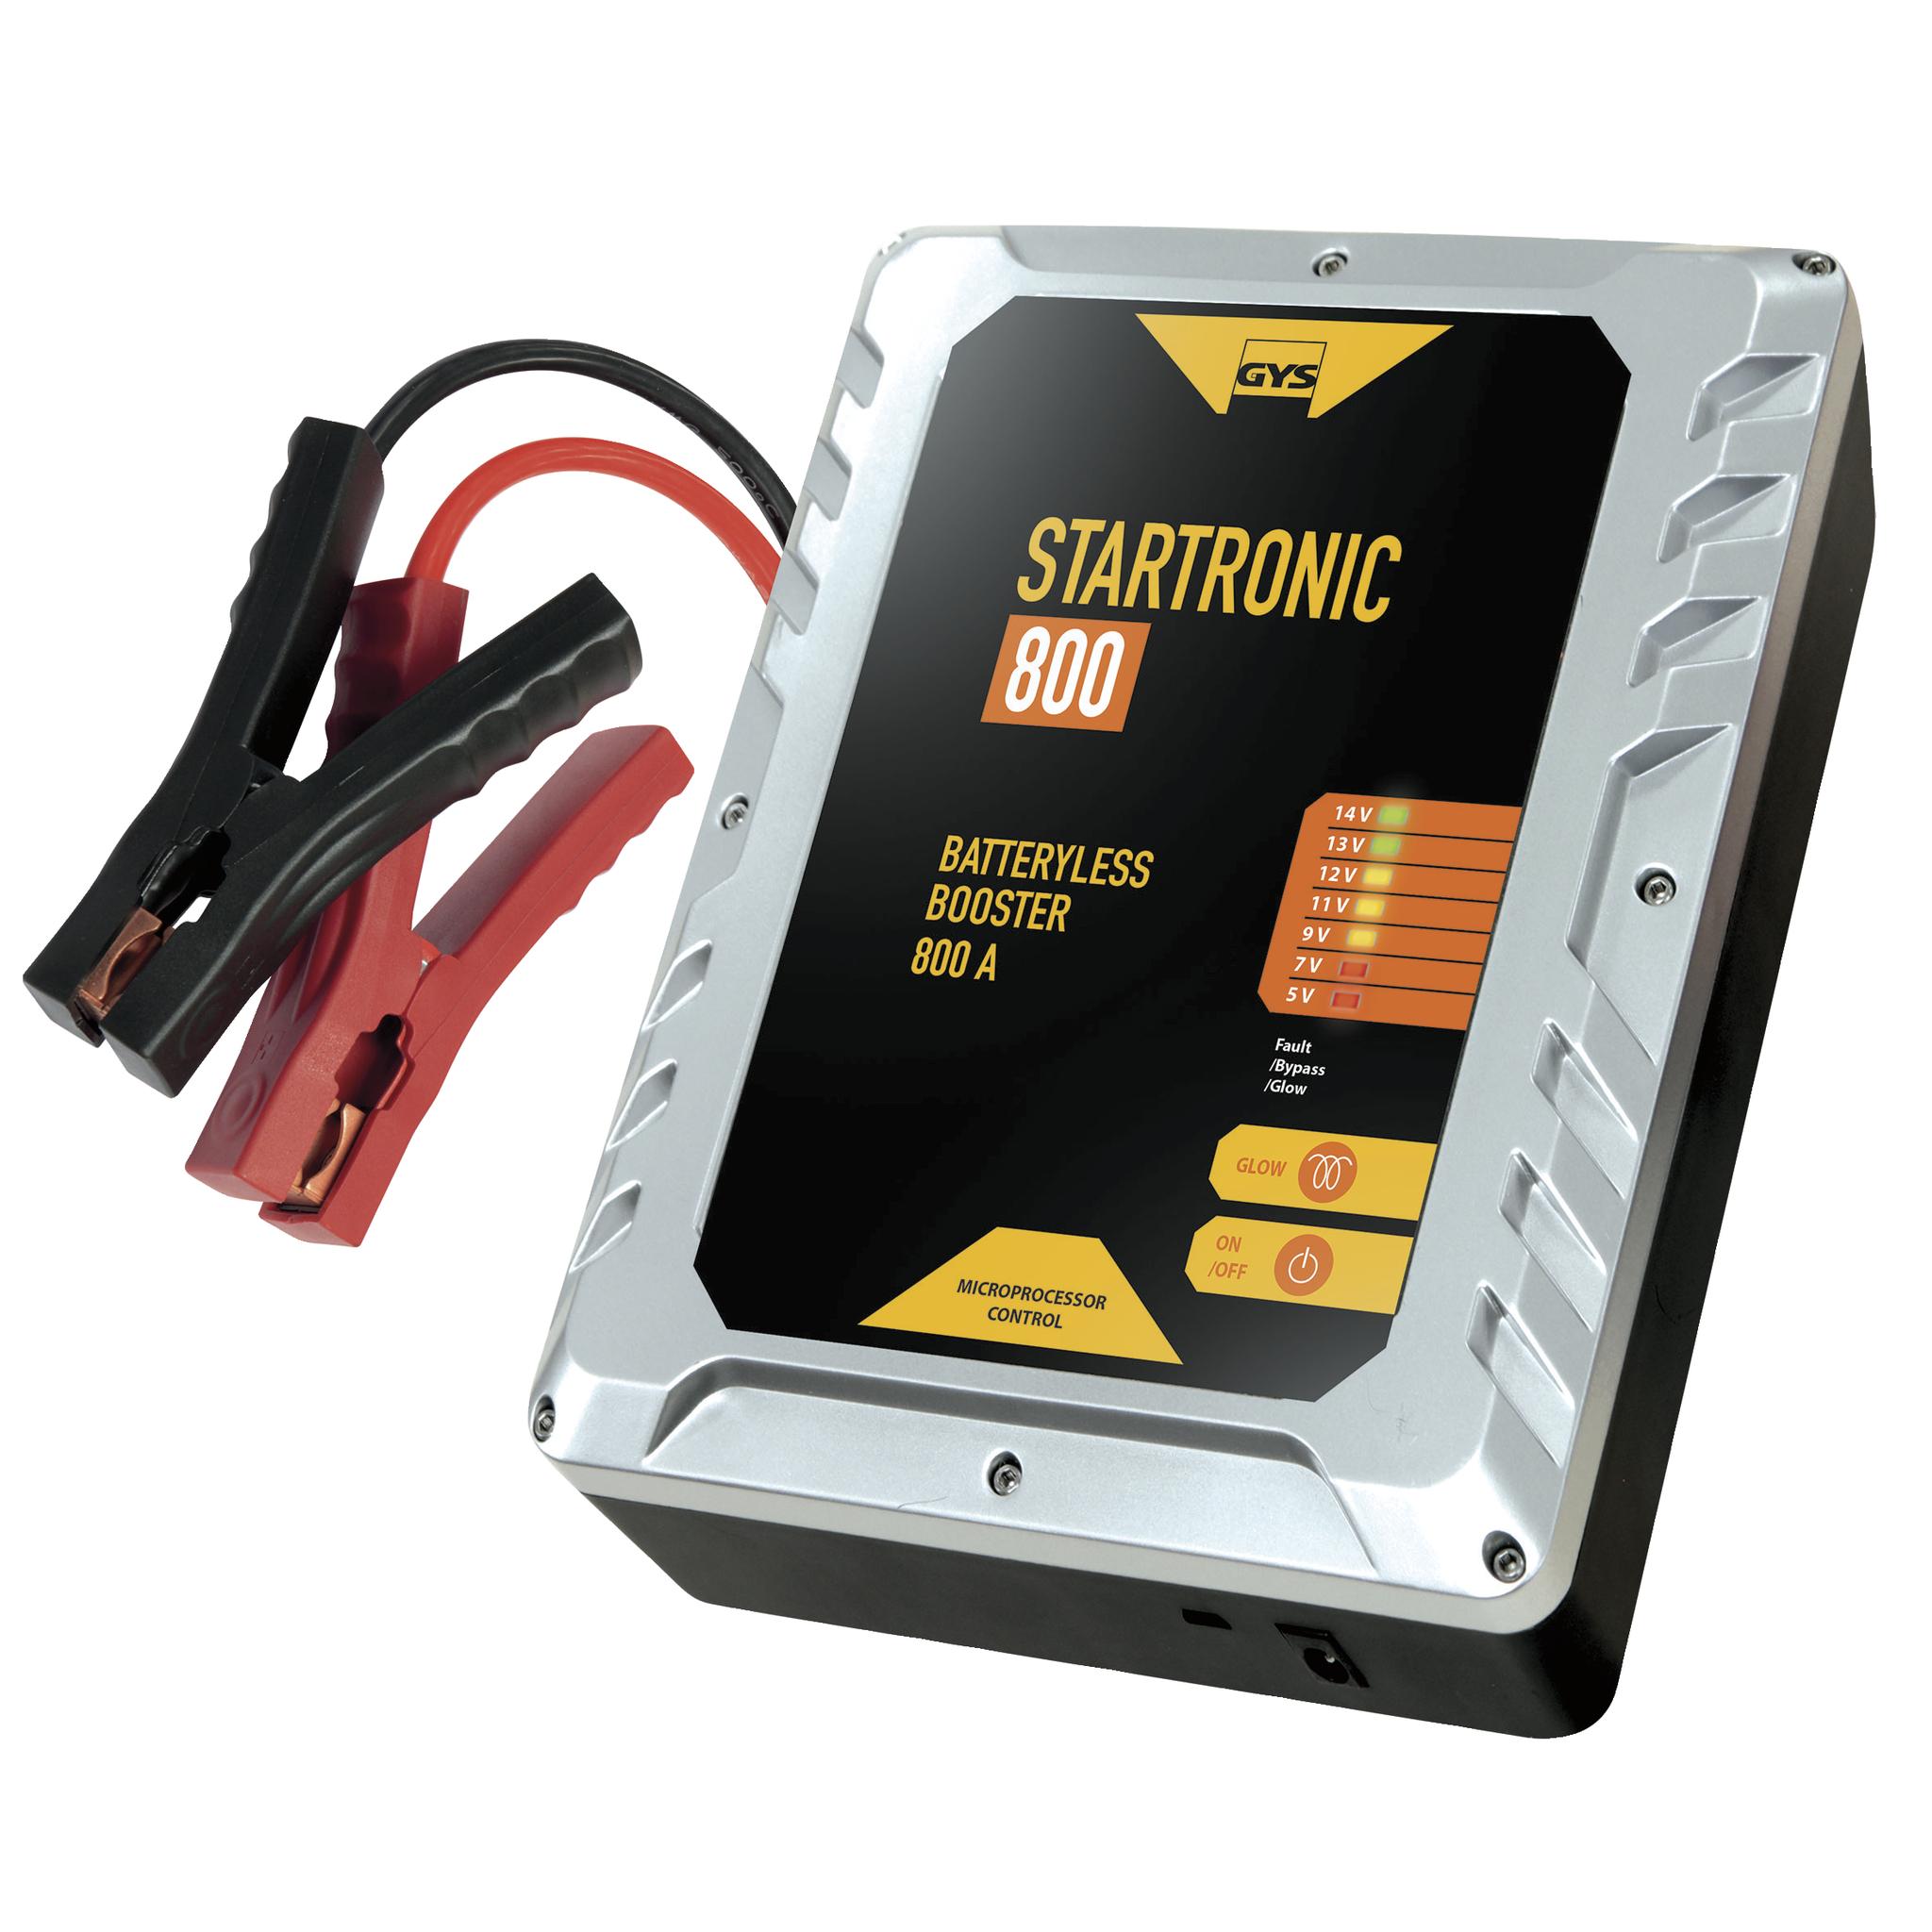 Пусковое устройство конденсаторное STARTRONIC 800(12В, 800А) (+ Power Bank в подарок!) зарядка usb от авто прикуривателя exocharge белая